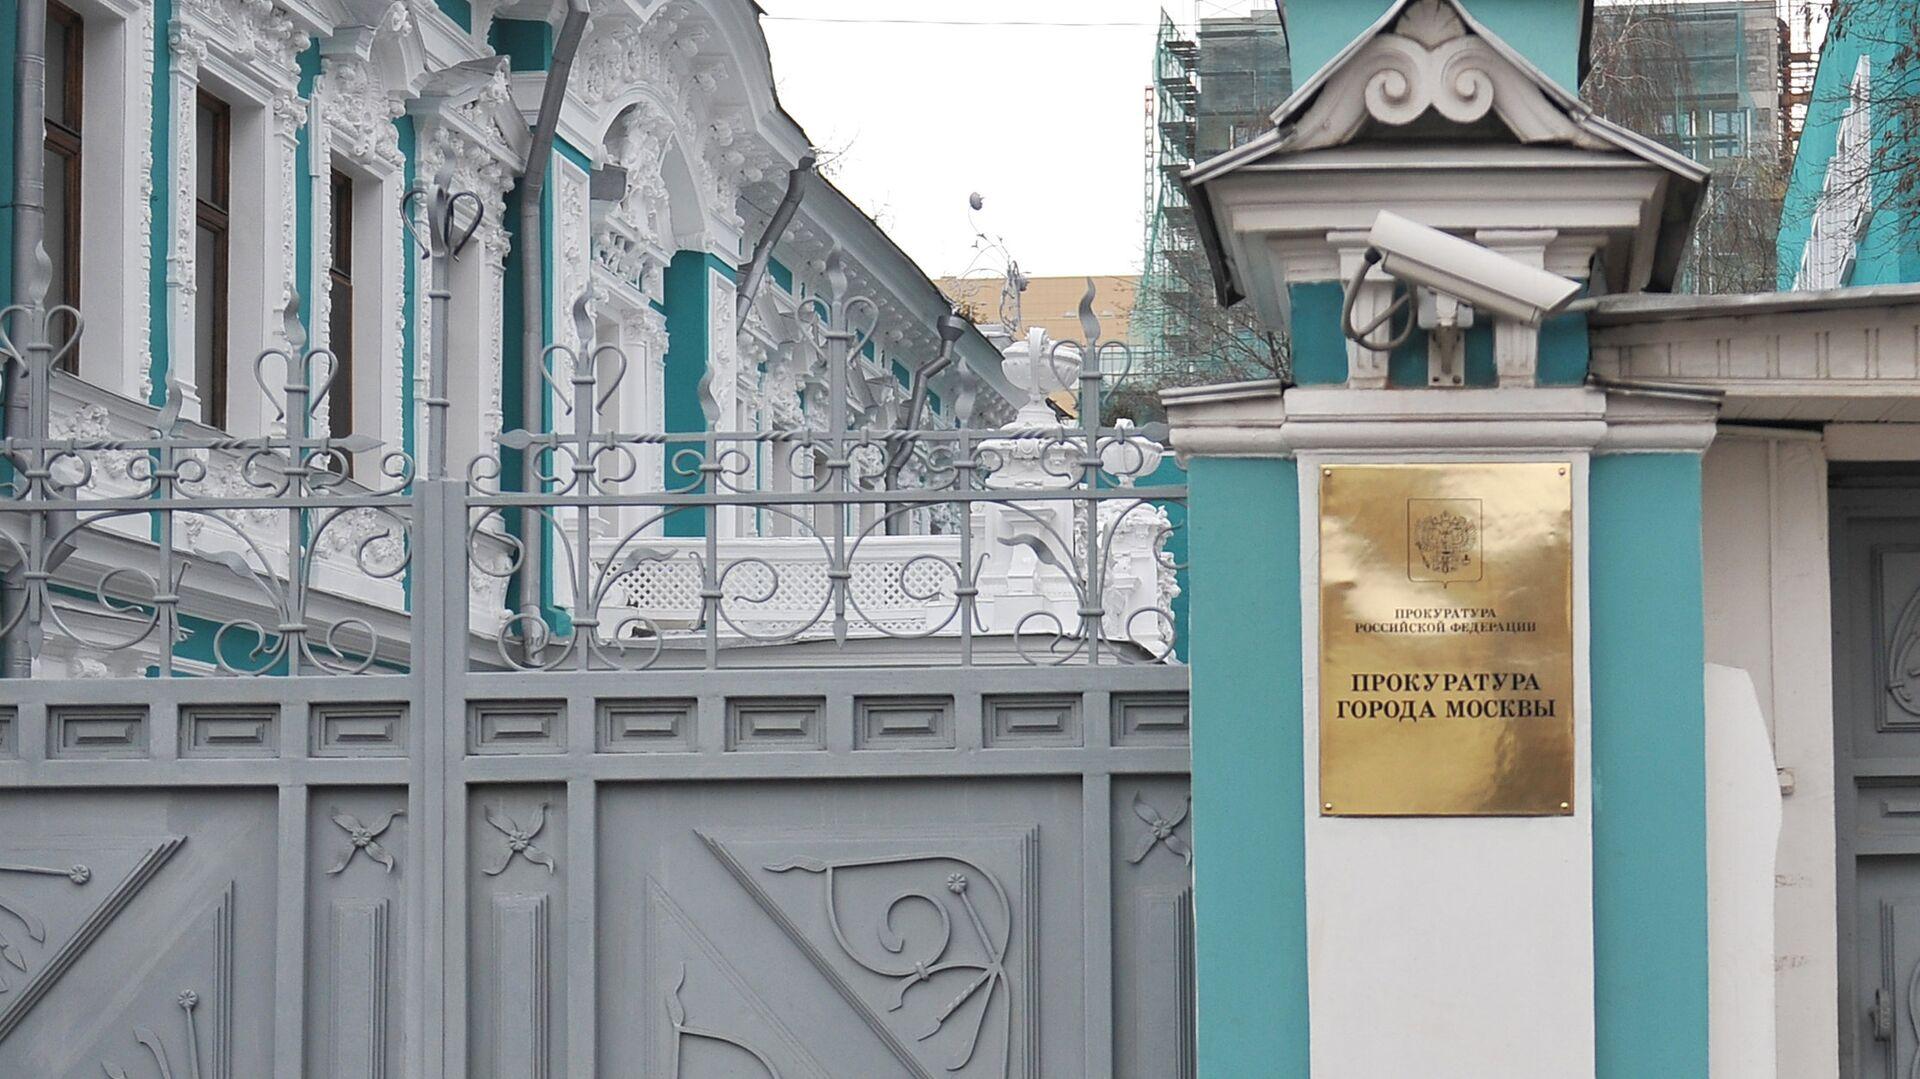 Здание прокуратуры города Москвы - РИА Новости, 1920, 24.09.2021